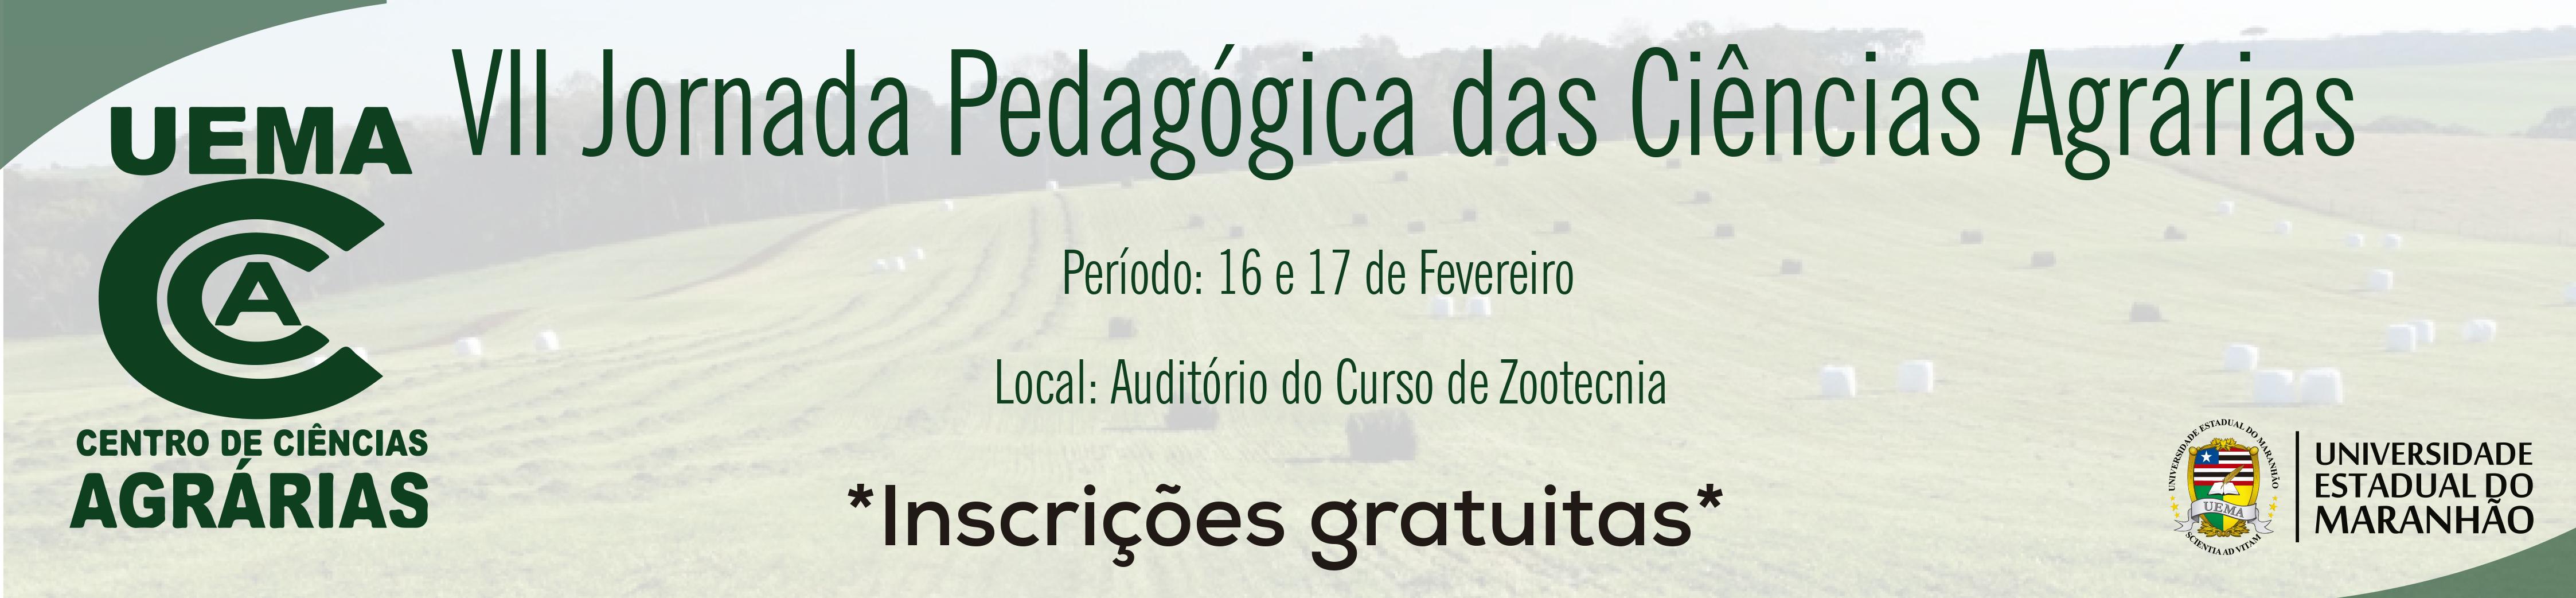 jornada-pedagogica-cca